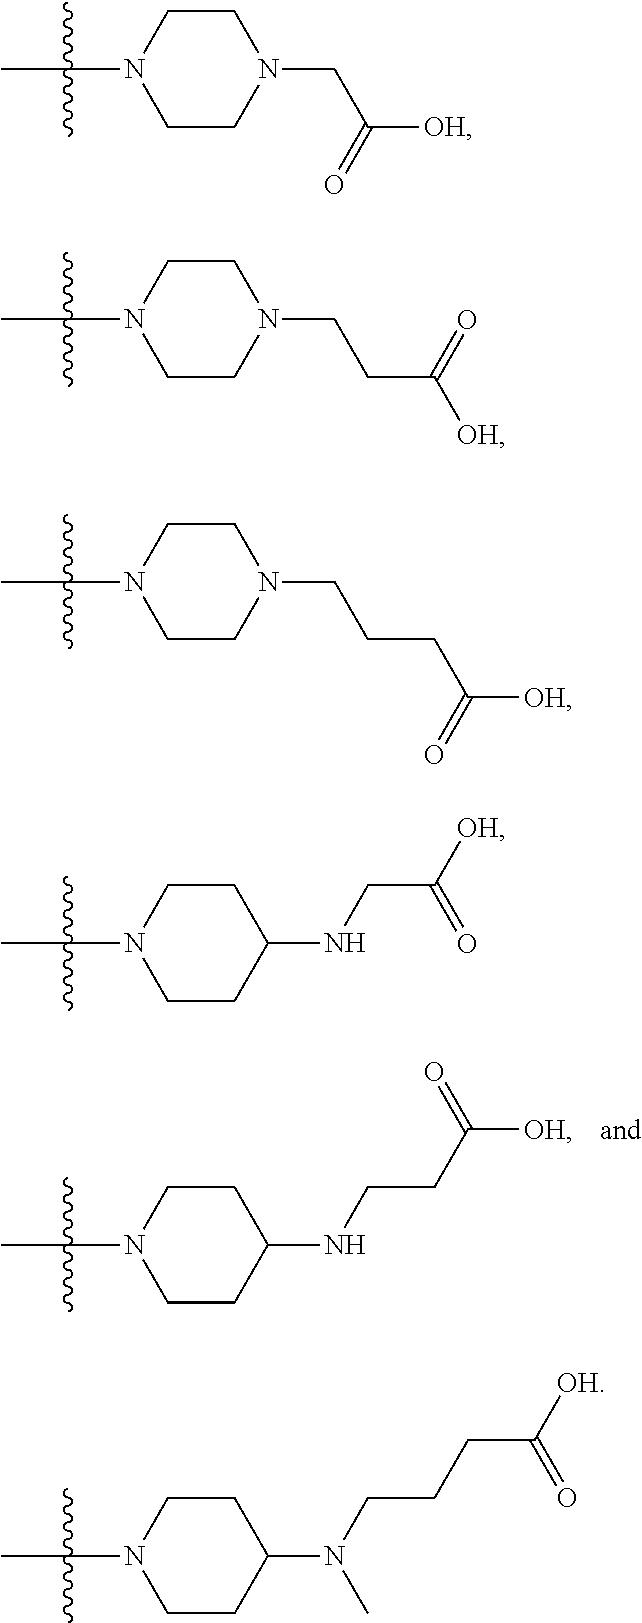 Figure US09278987-20160308-C00067